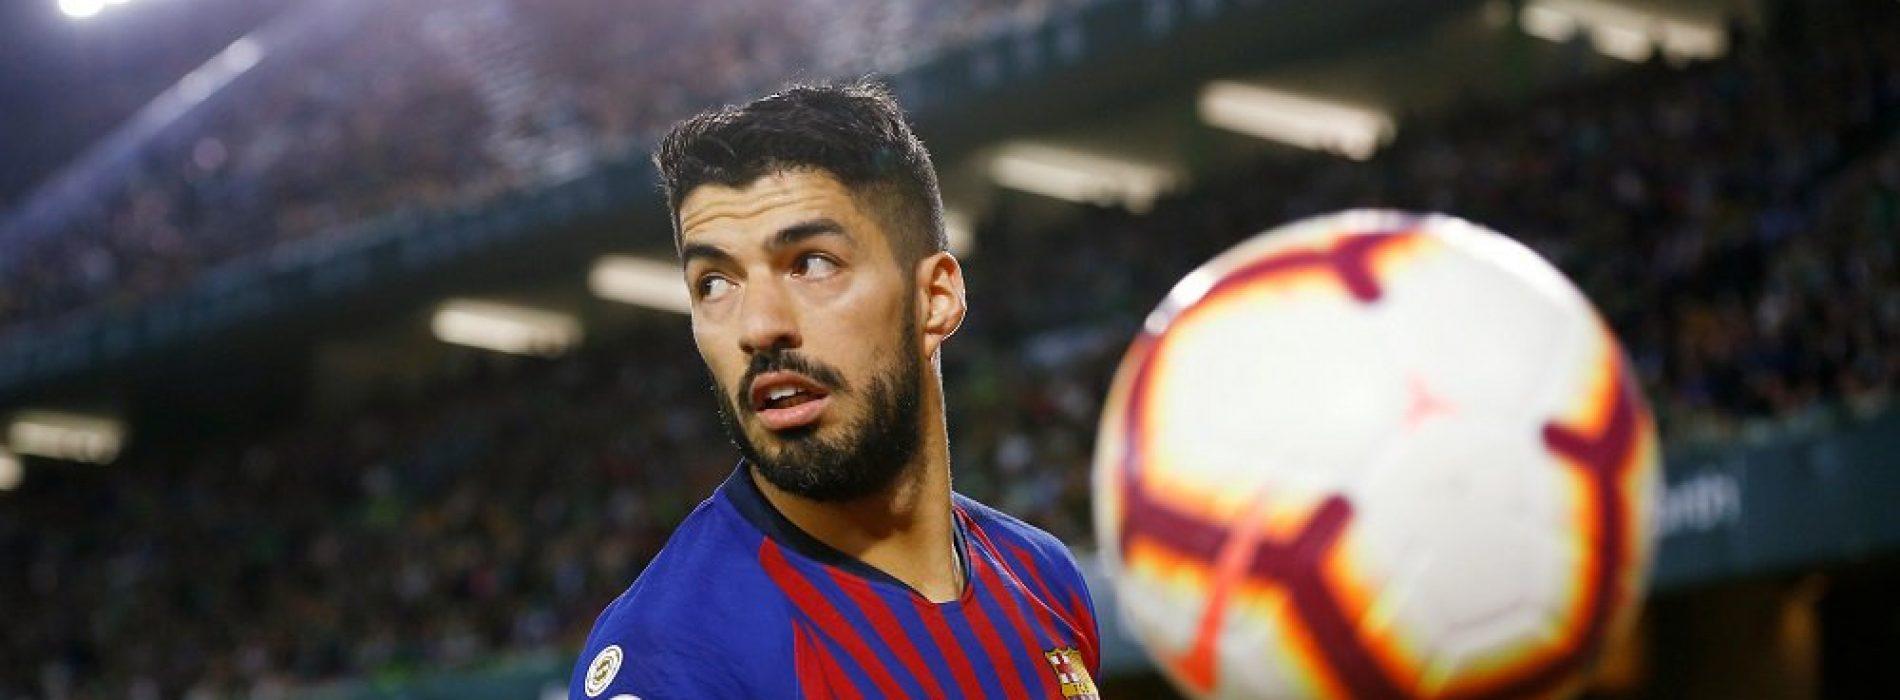 Mercato Barcellona Suarez ko per 4 mesi: ecco i papabili sostituti